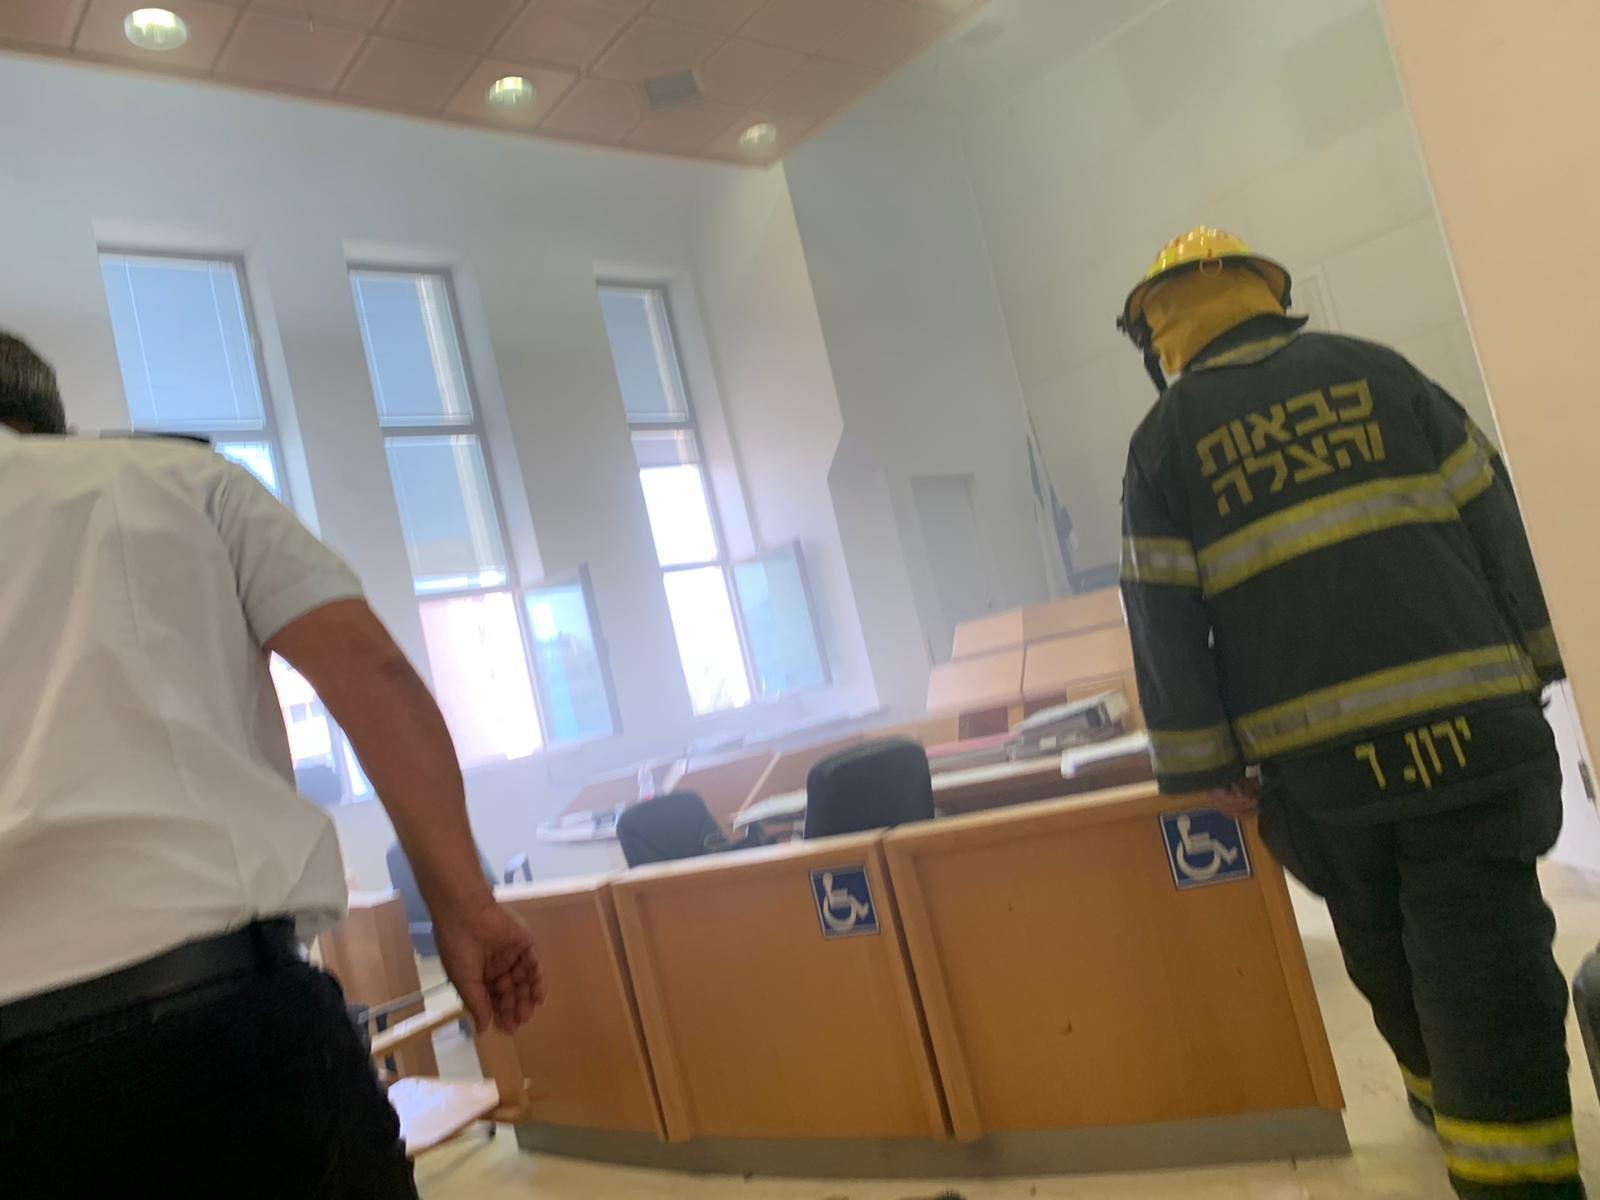 شخص يحرق نفسه داخل المحكمة في بئر السبع